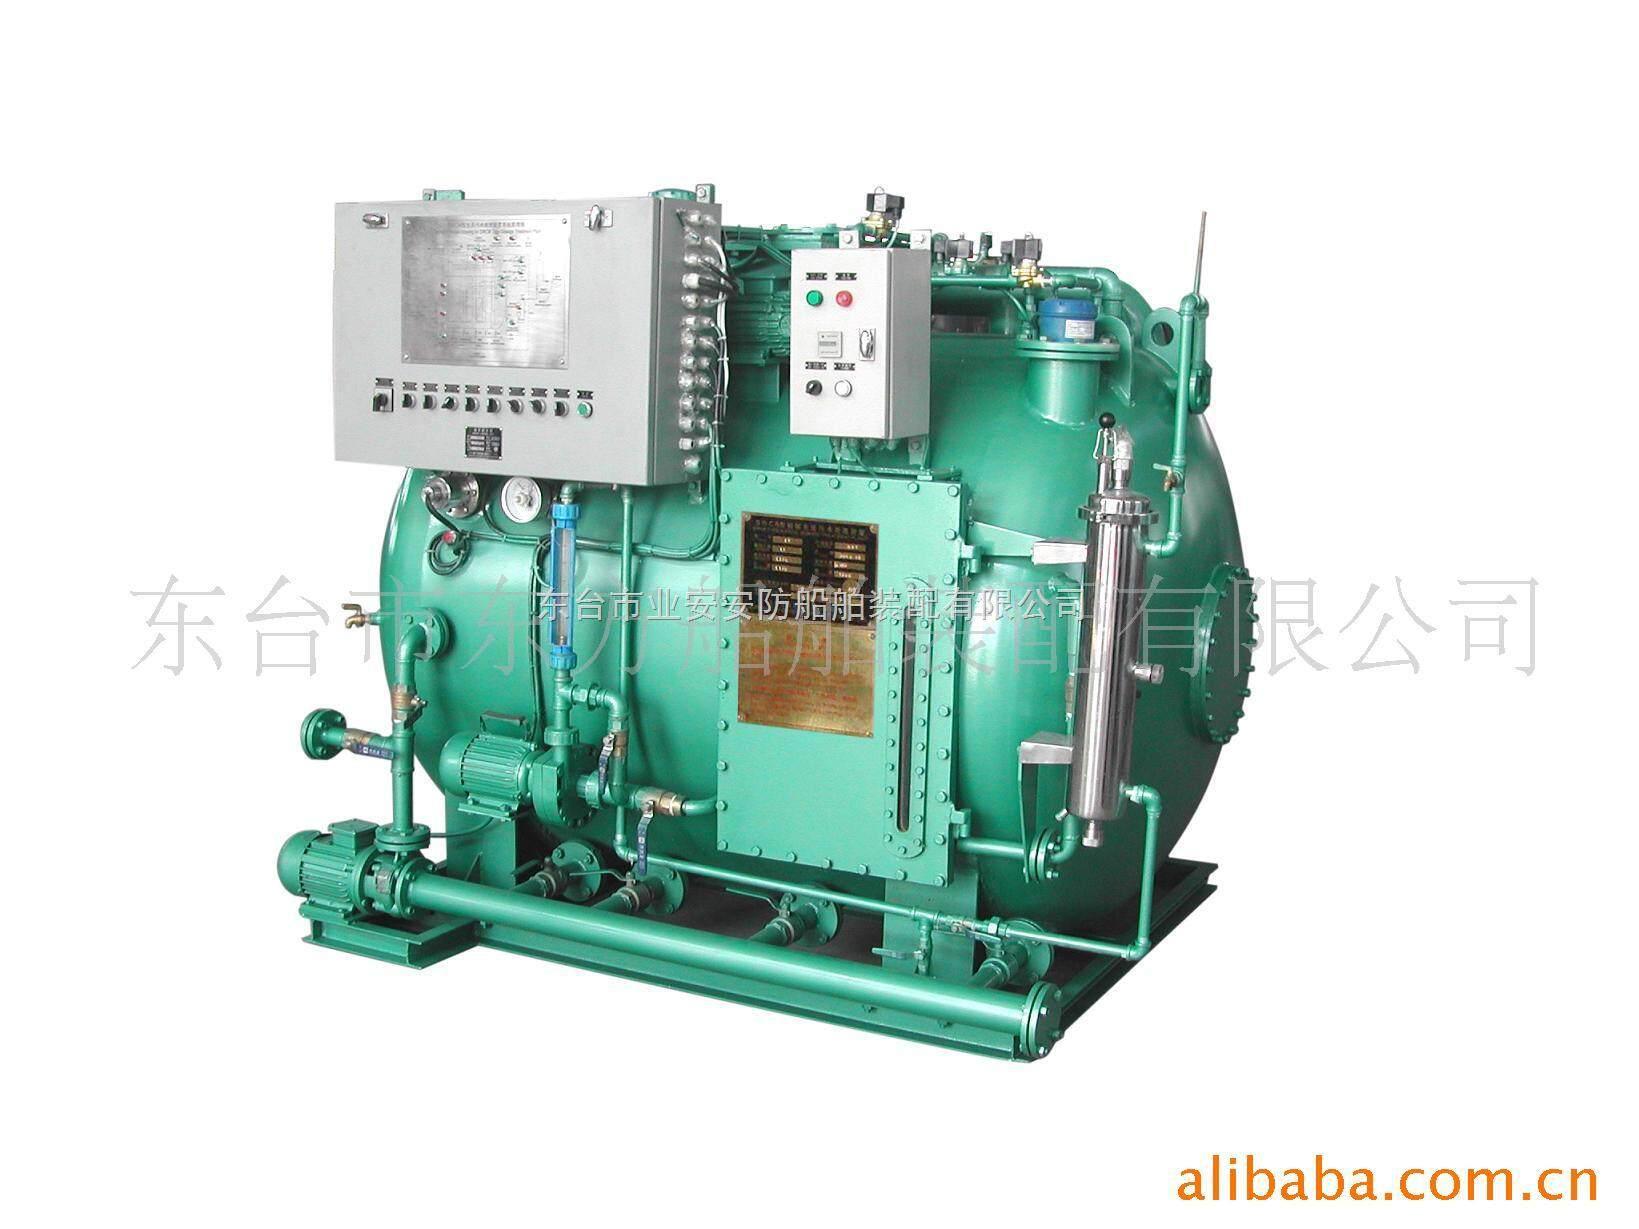 云南新型SWCM型膜法生活污水处理装置